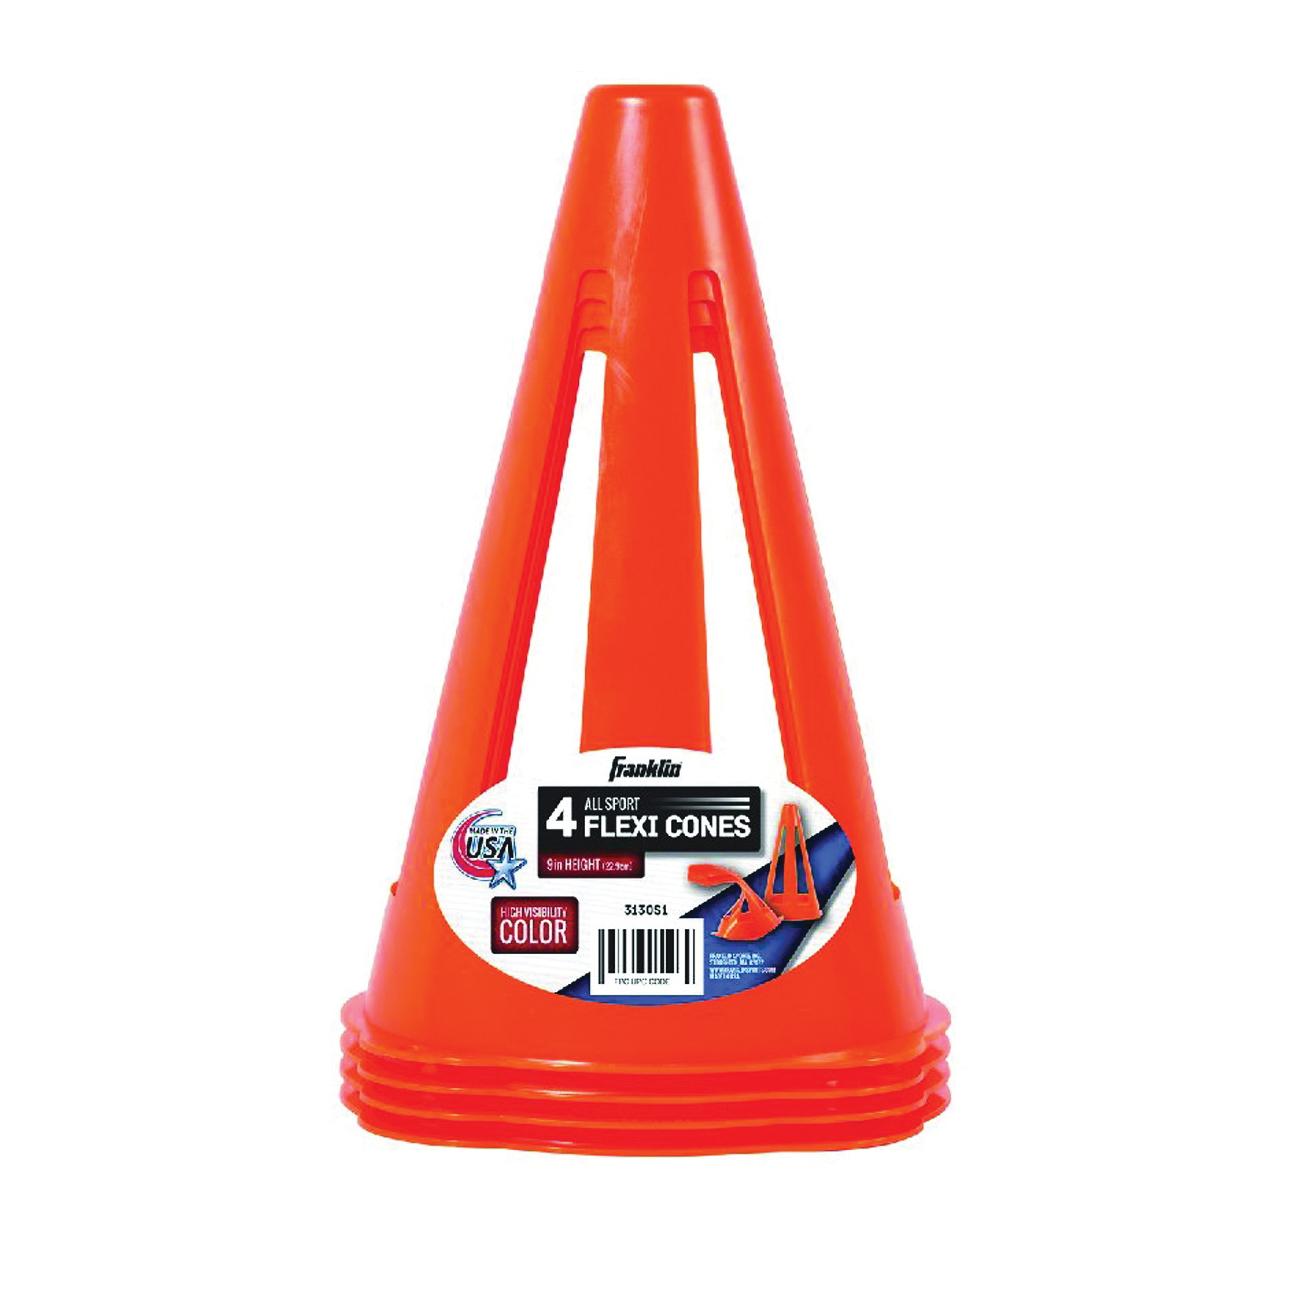 Picture of Franklin Sports 3130S1 Field Marker Cone, PVC, Fluorescent Orange